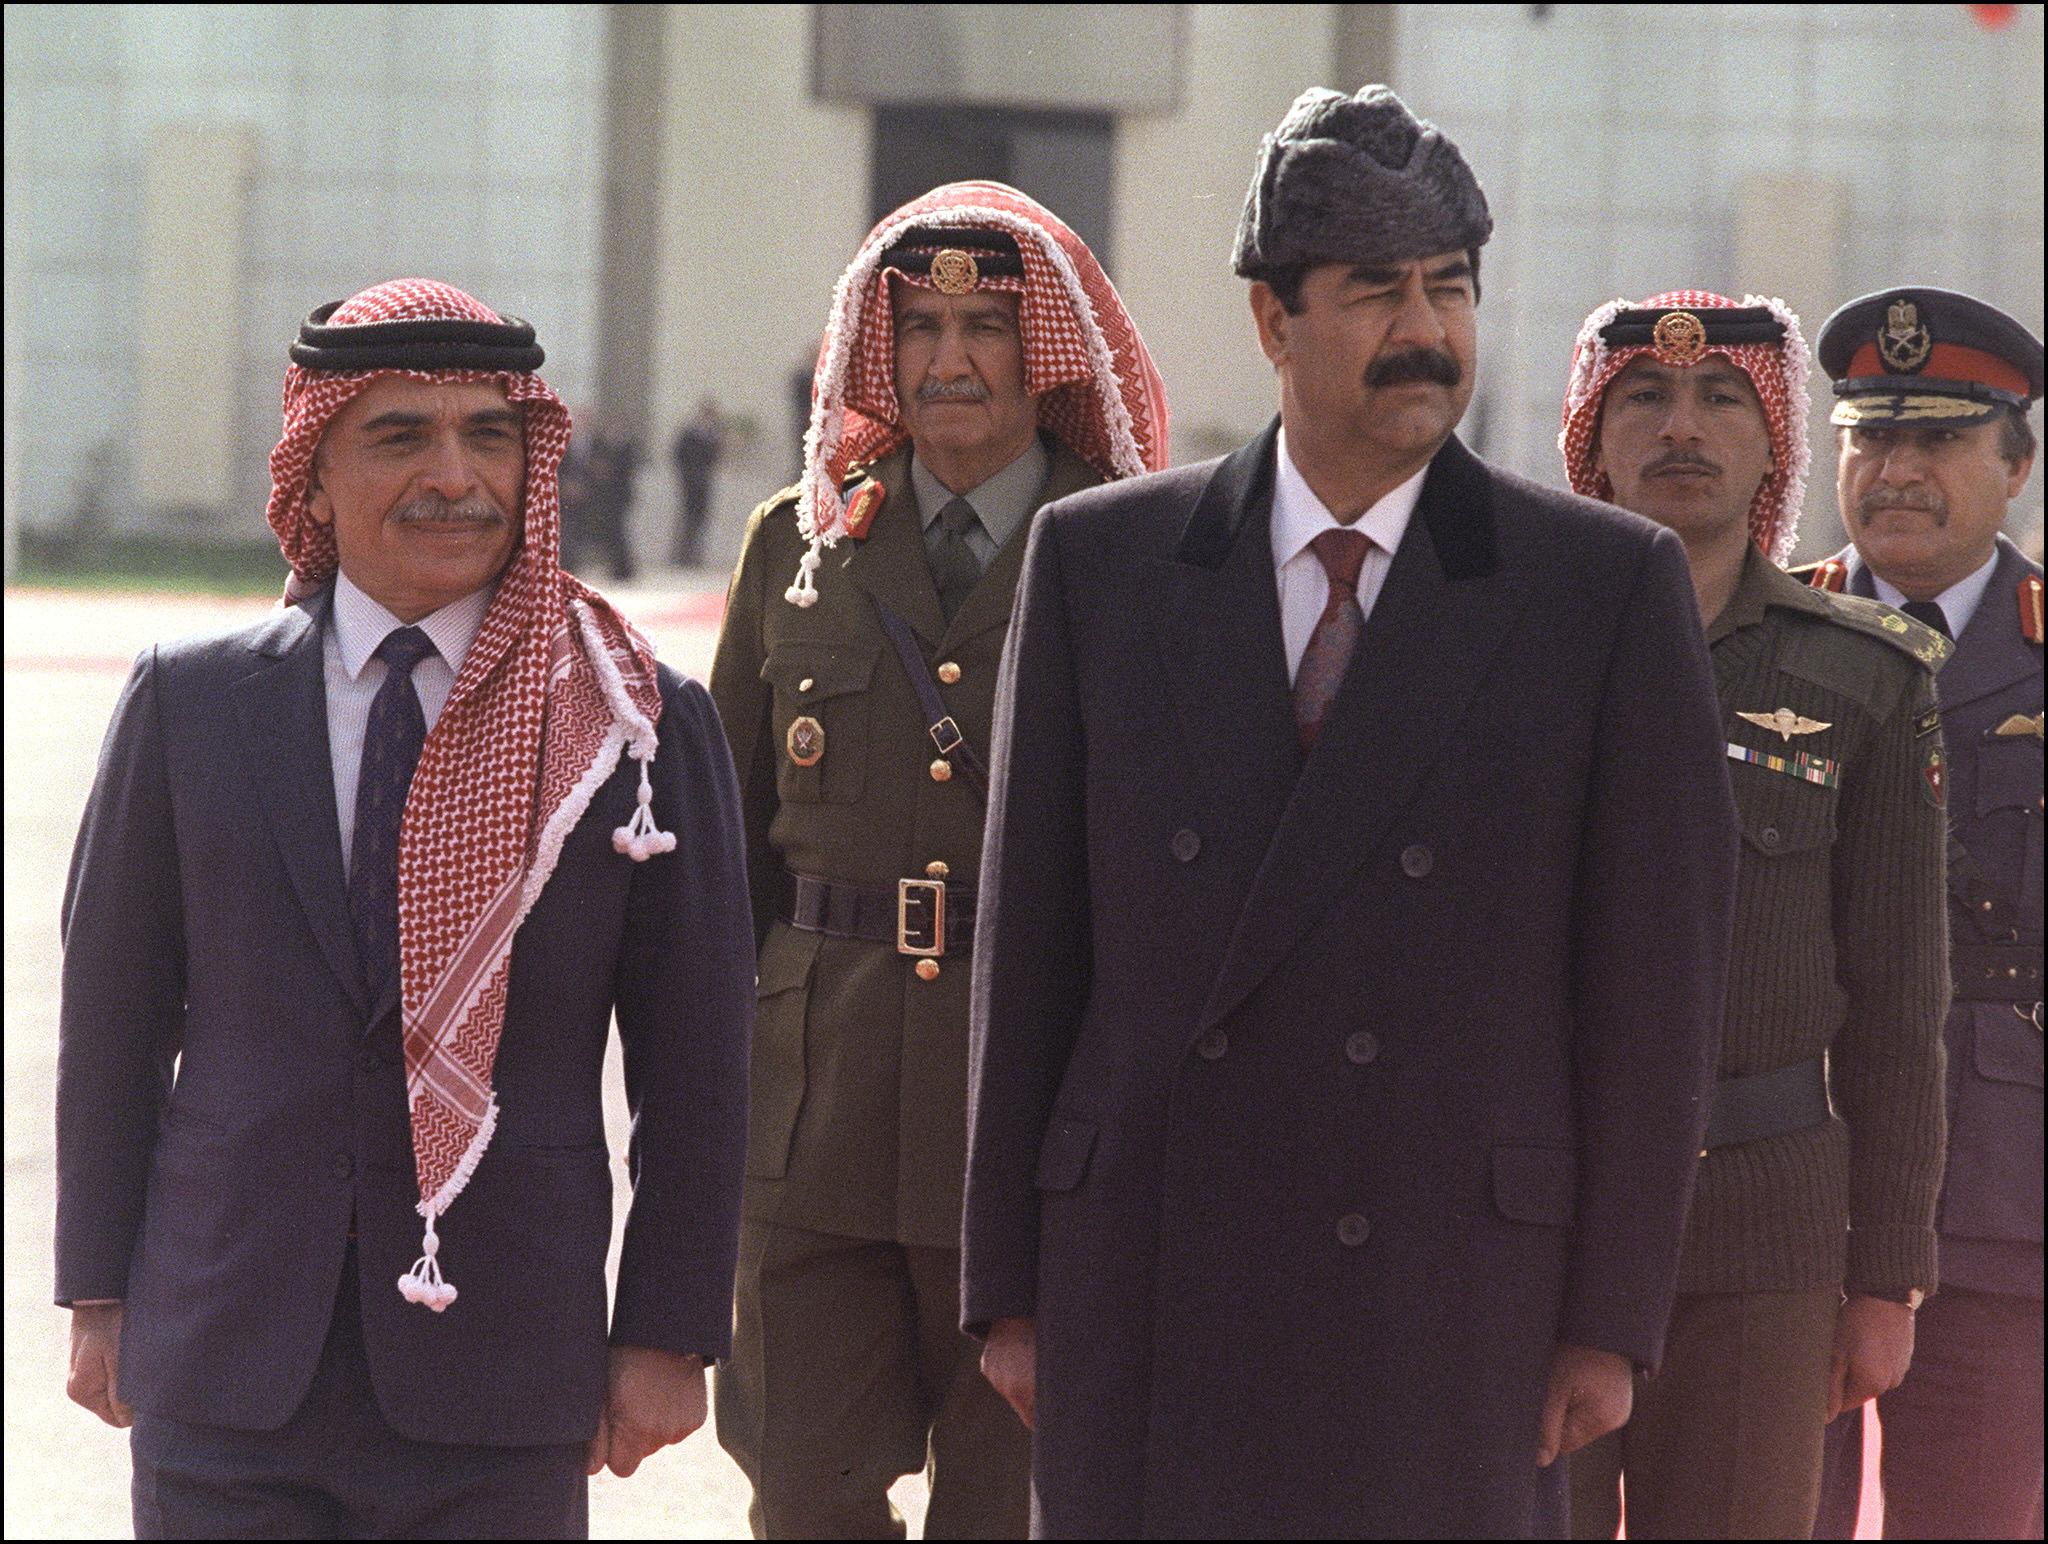 التسجيلات السريّة لصدّام حسين ج- 3 : الملك حسين رجل طيب ومبارك يتعمّد إهانة الرؤساء